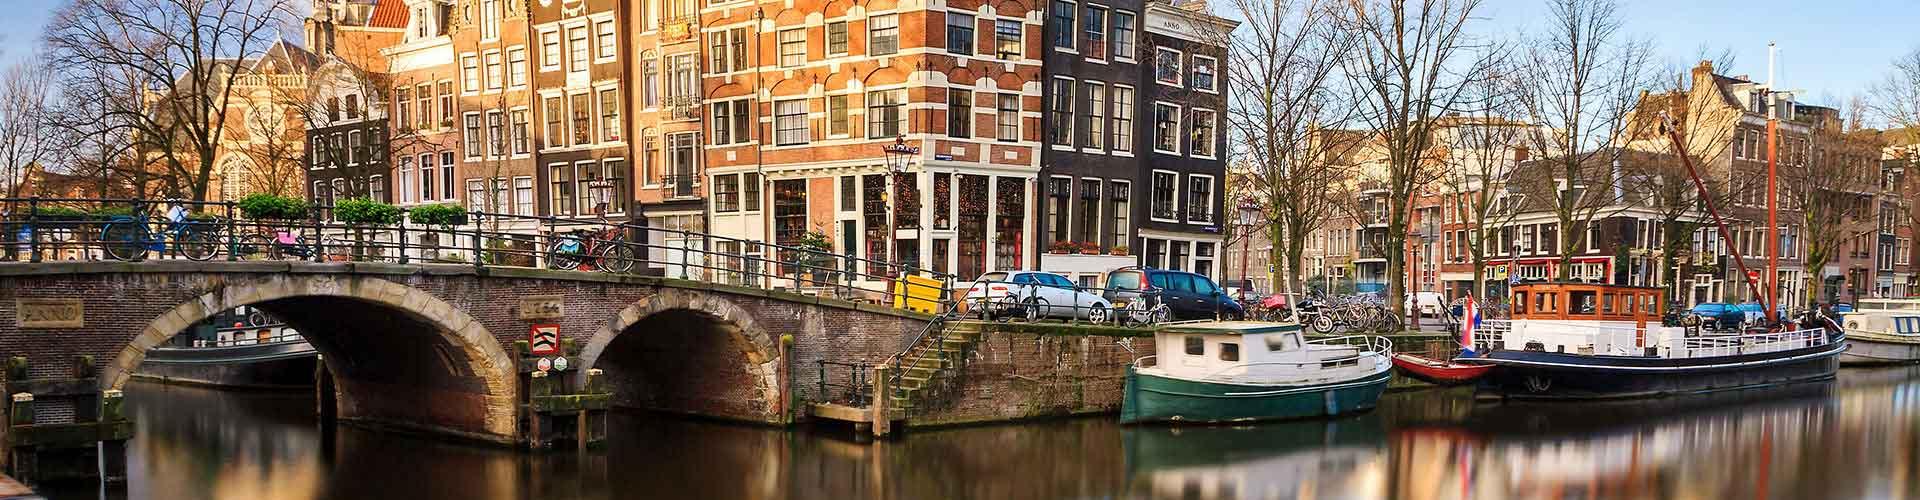 アムステルダム – キャンプ場 アムステルダム. 地図 アムステルダム, すべてのキャンプ場の写真とレビュー アムステルダム.